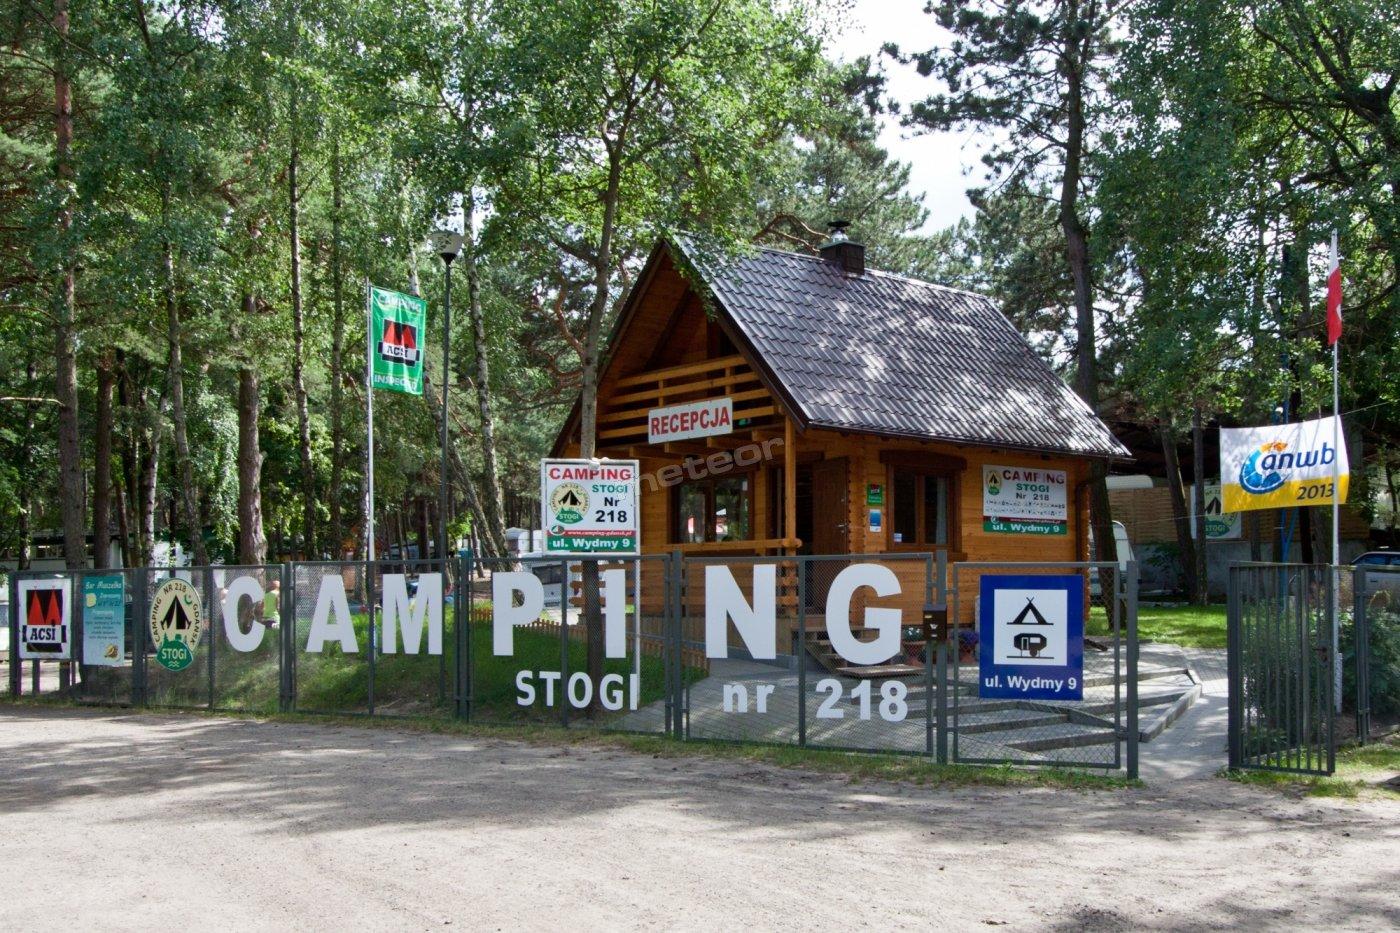 Camping STOGI nr 218 w Gdańsku